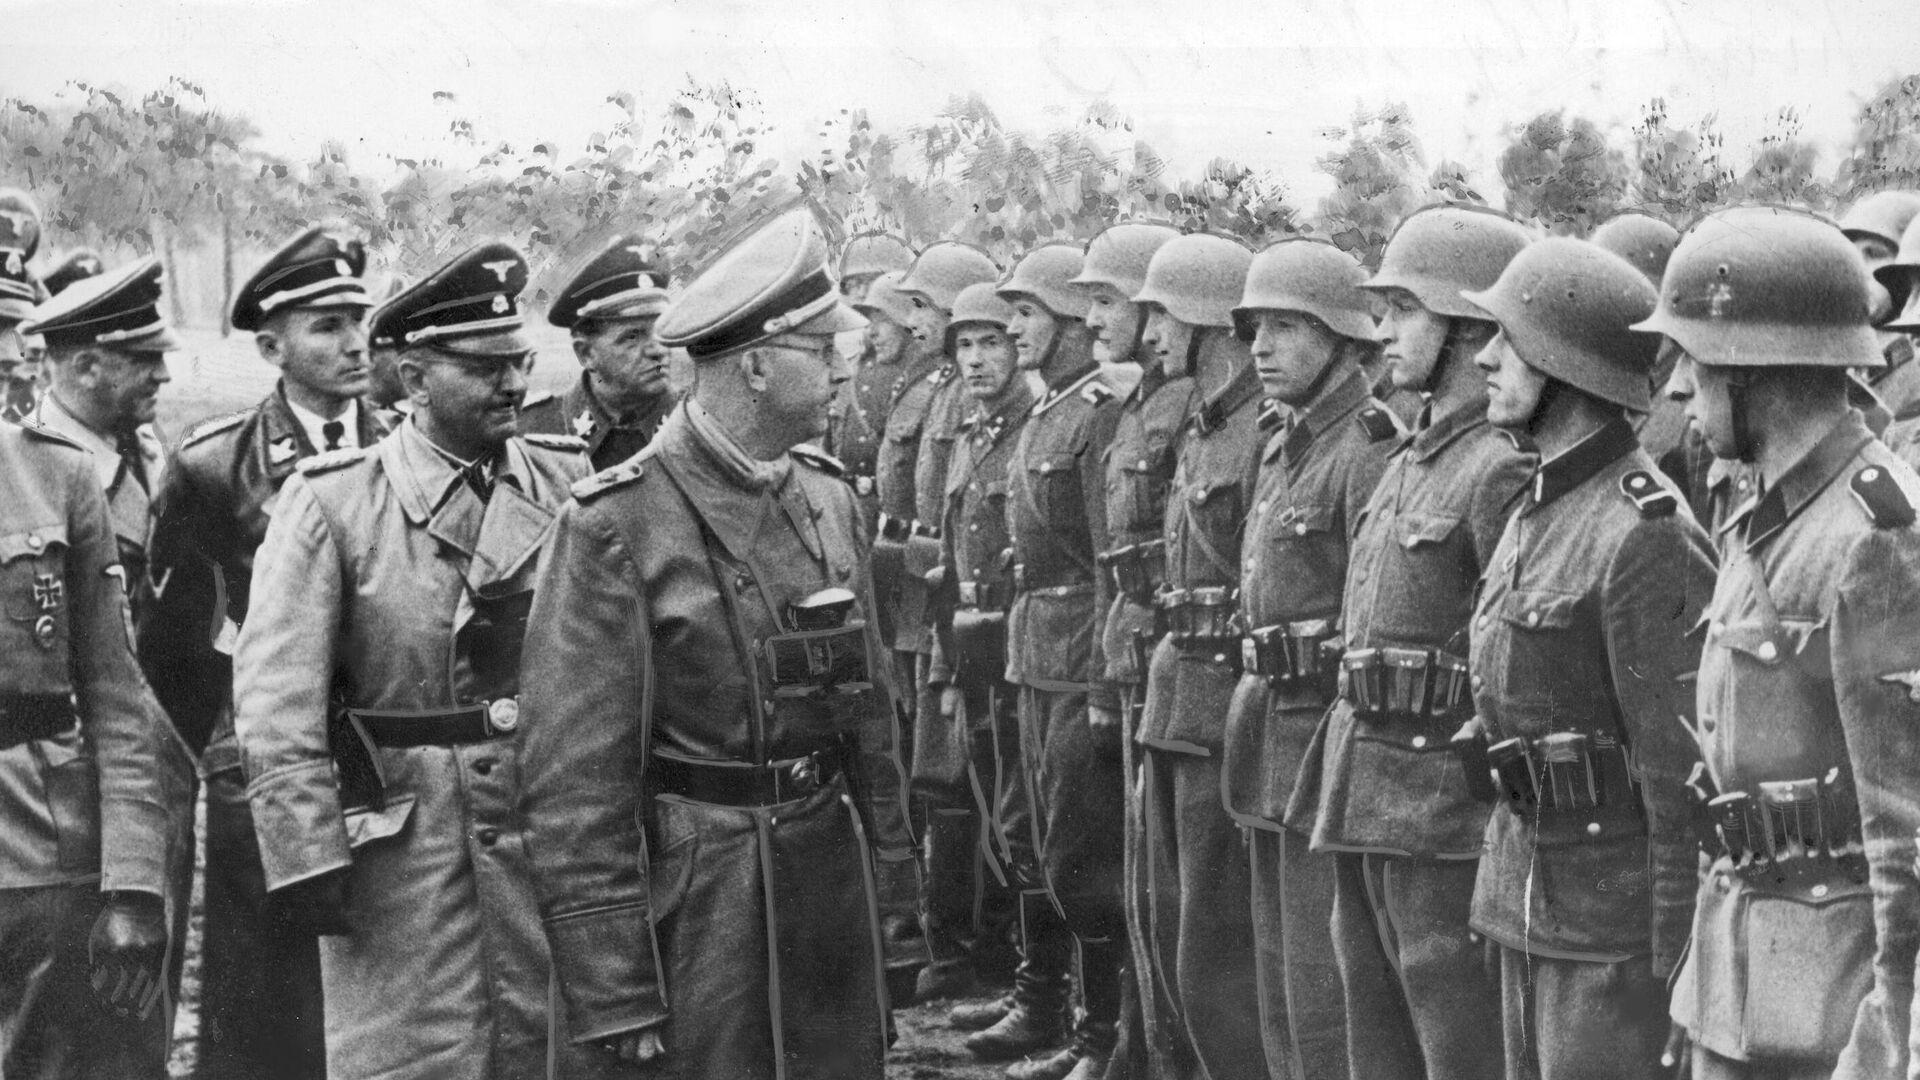 Heinrich Himmler, comandante de las unidades de élite nazis Waffen-SS, revisa las tropas de la División Galizien, compuesta mayoritariamente por voluntarios colaboradores ucranianos, en mayo de 1943 - Sputnik Mundo, 1920, 01.05.2021